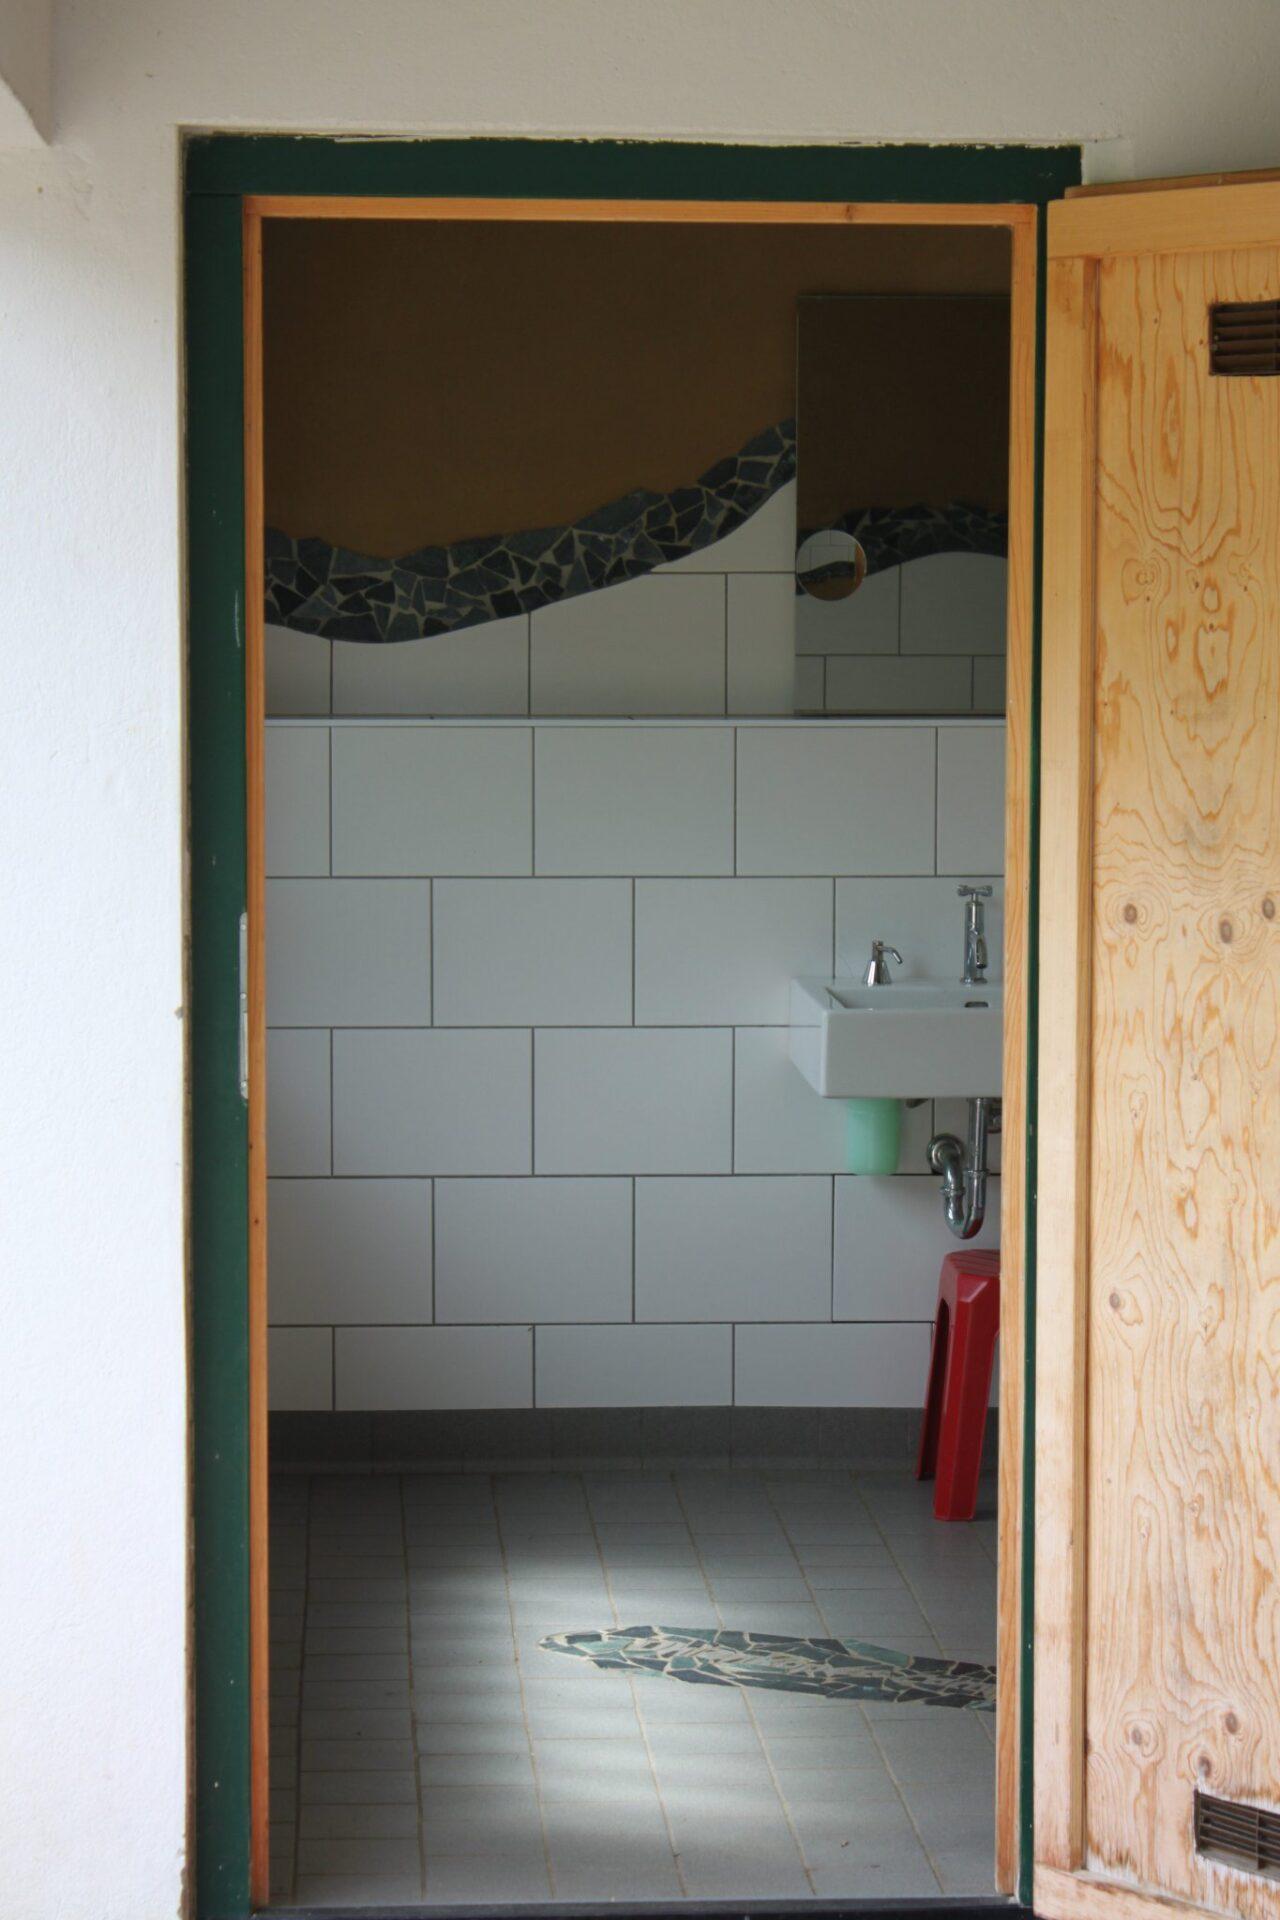 Sanitäreinrichtung an der Zeltwiese